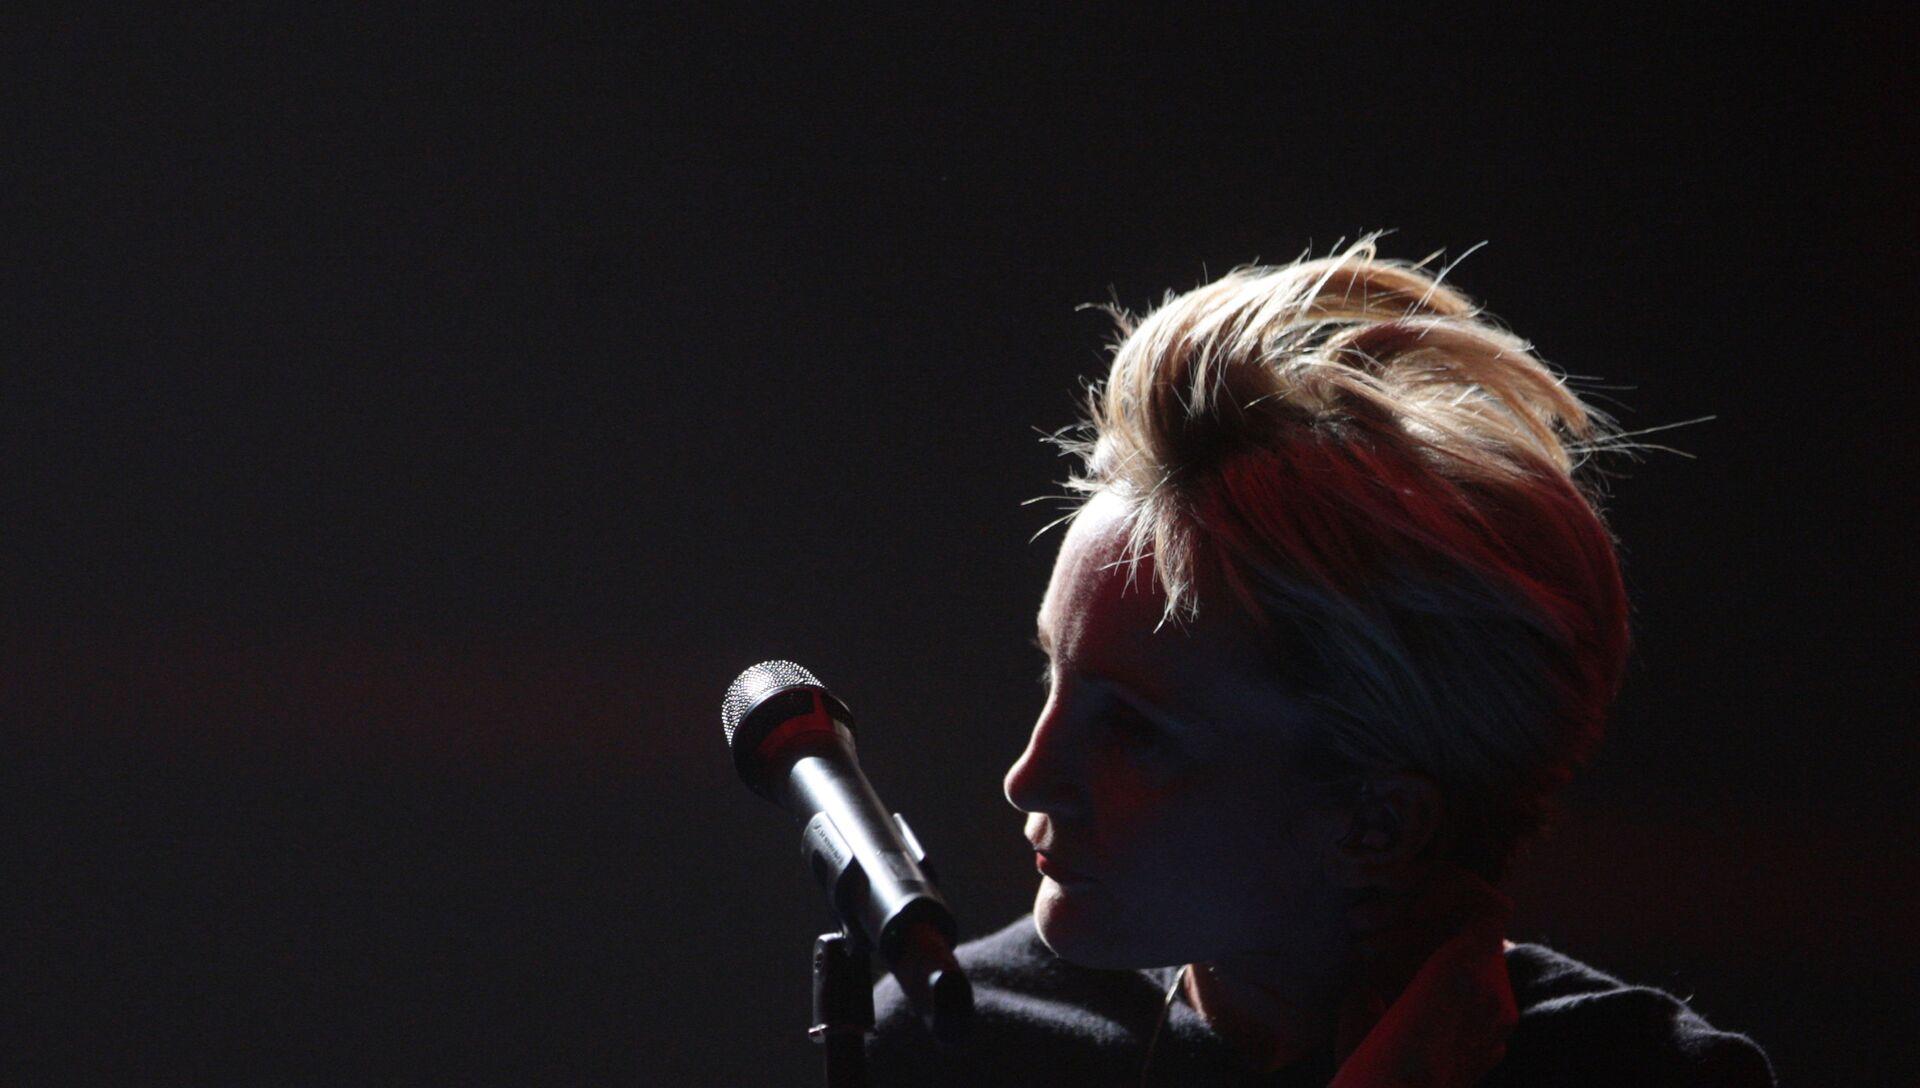 Представитель Франции на музыкальном конкурсе Евровидение-2009 Патрисия Каас во время репетиции в СК Олимпийский - РИА Новости, 1920, 05.12.2020